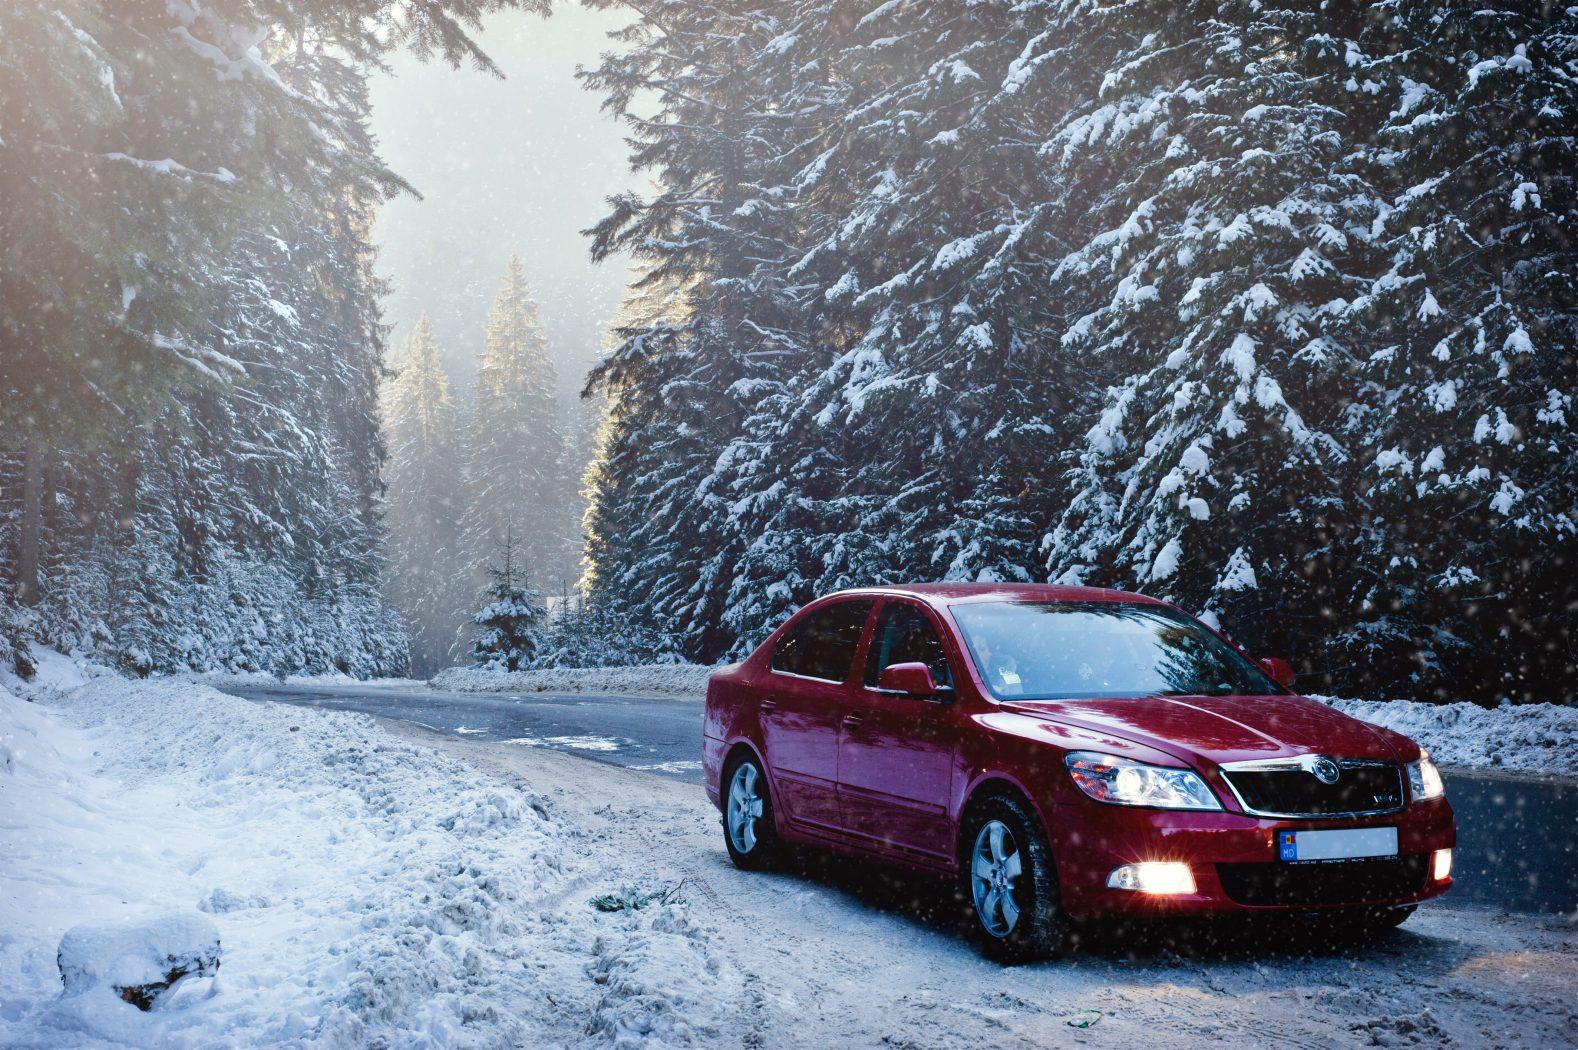 Wintercheck auto